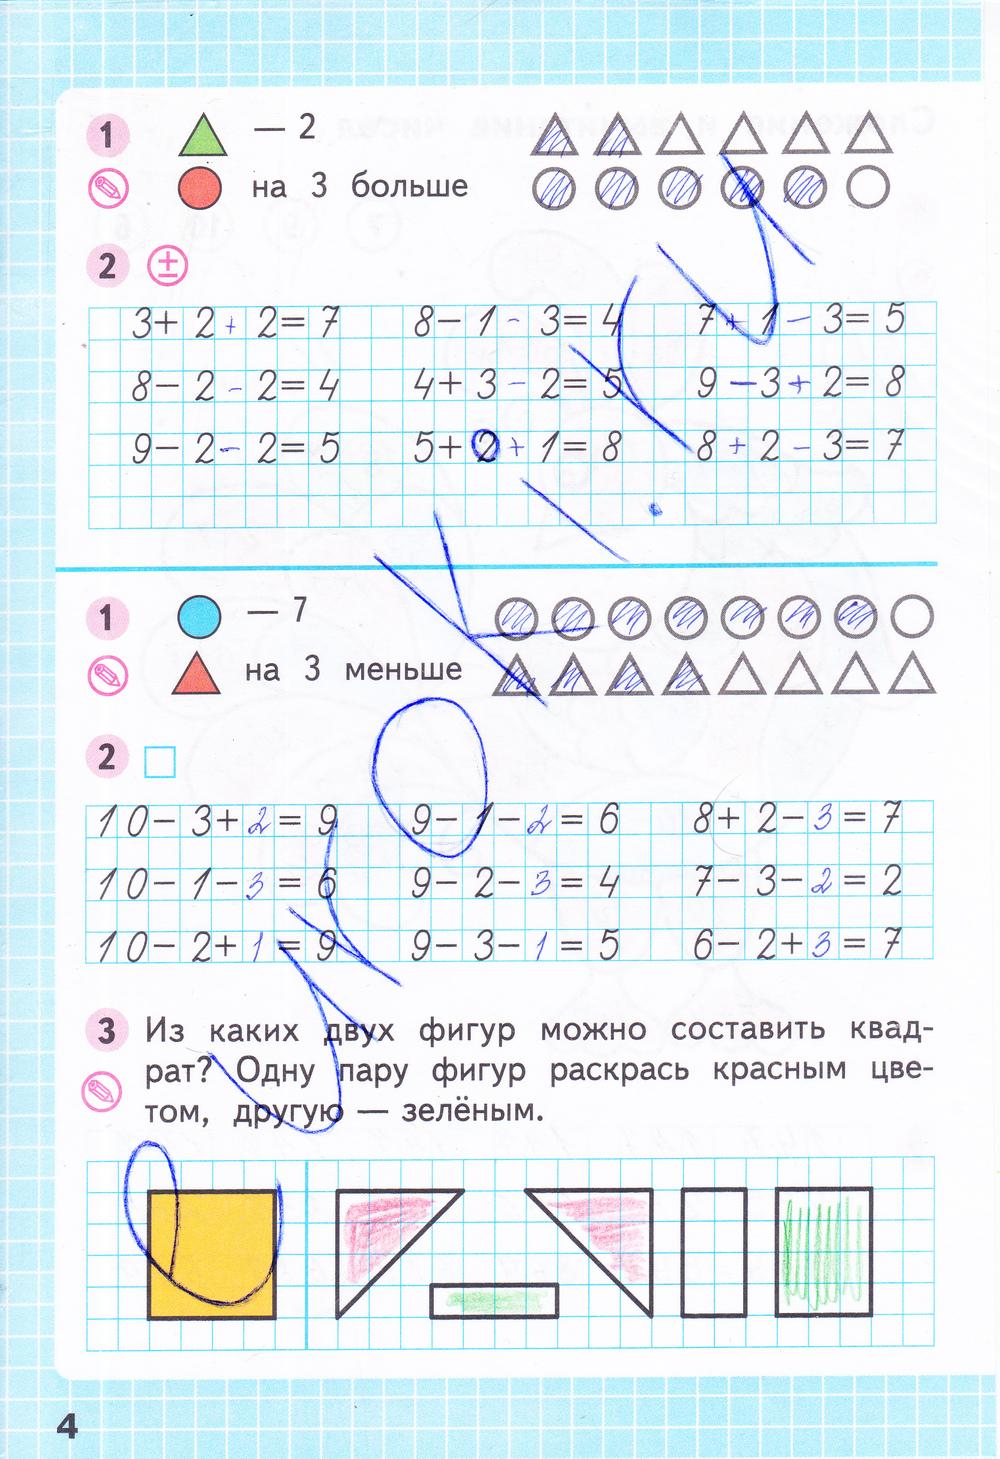 Часть моро гдз по математике часть гдз рабочая ответы 1 4 класс тетрадь 2 моро